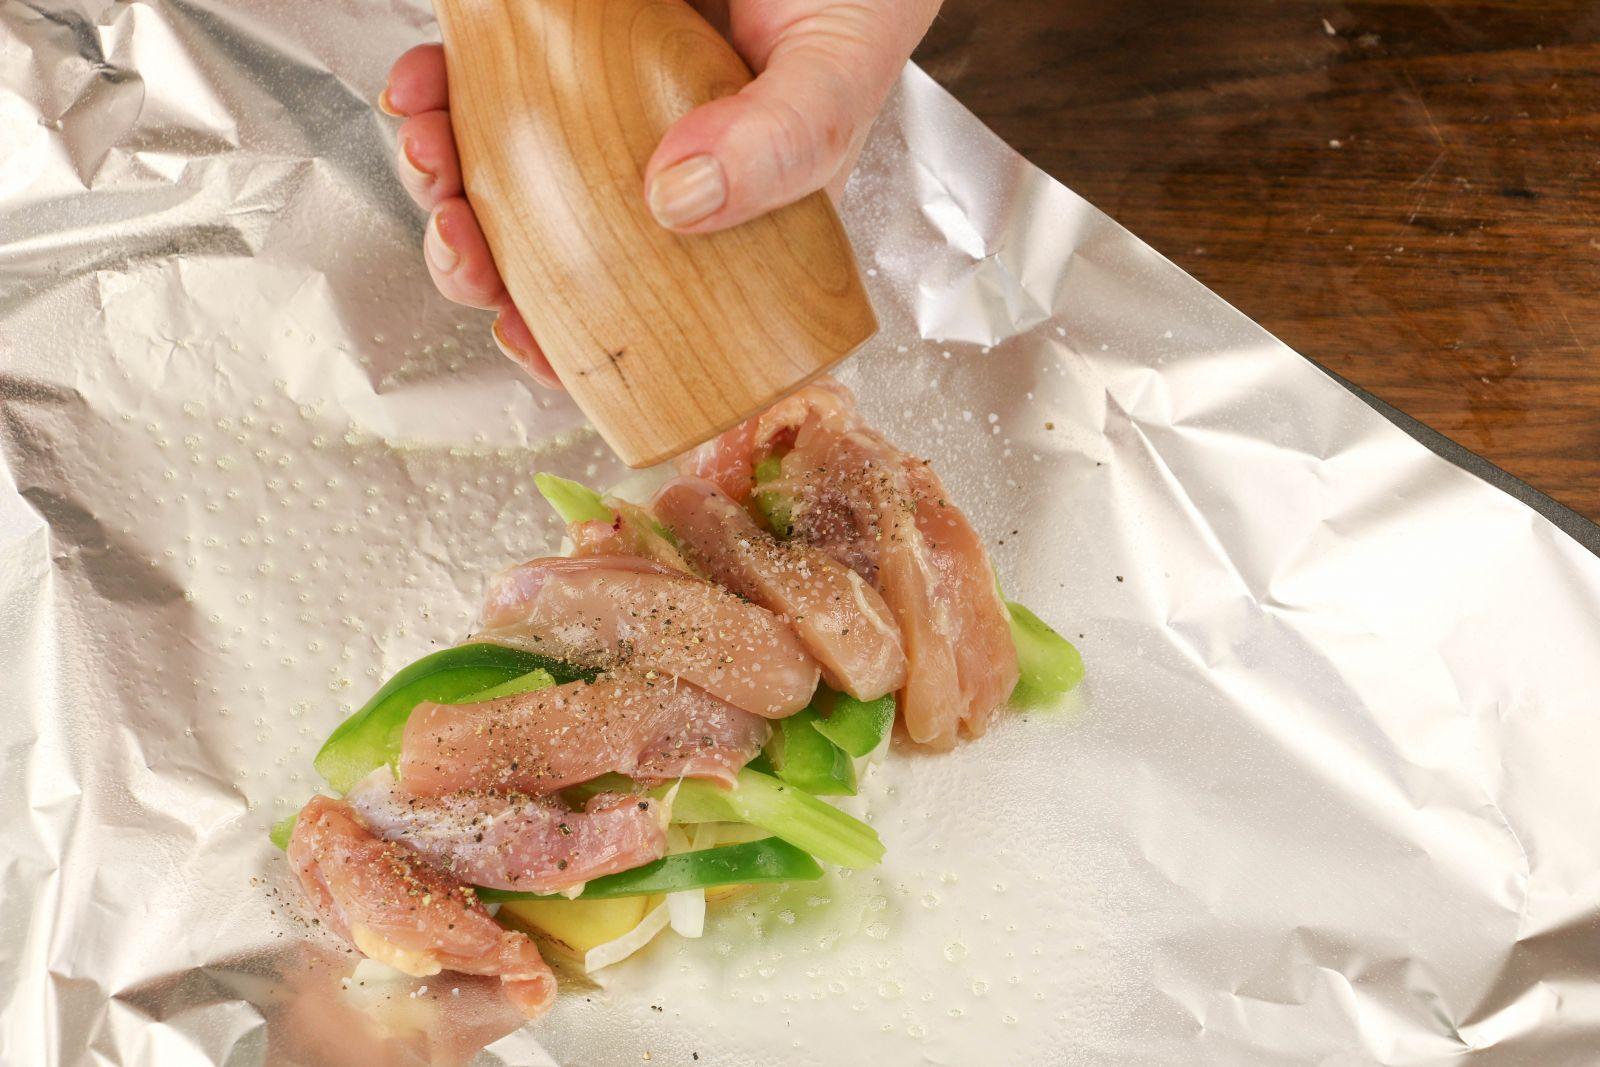 chicken breast baked in foil jpg 422x640